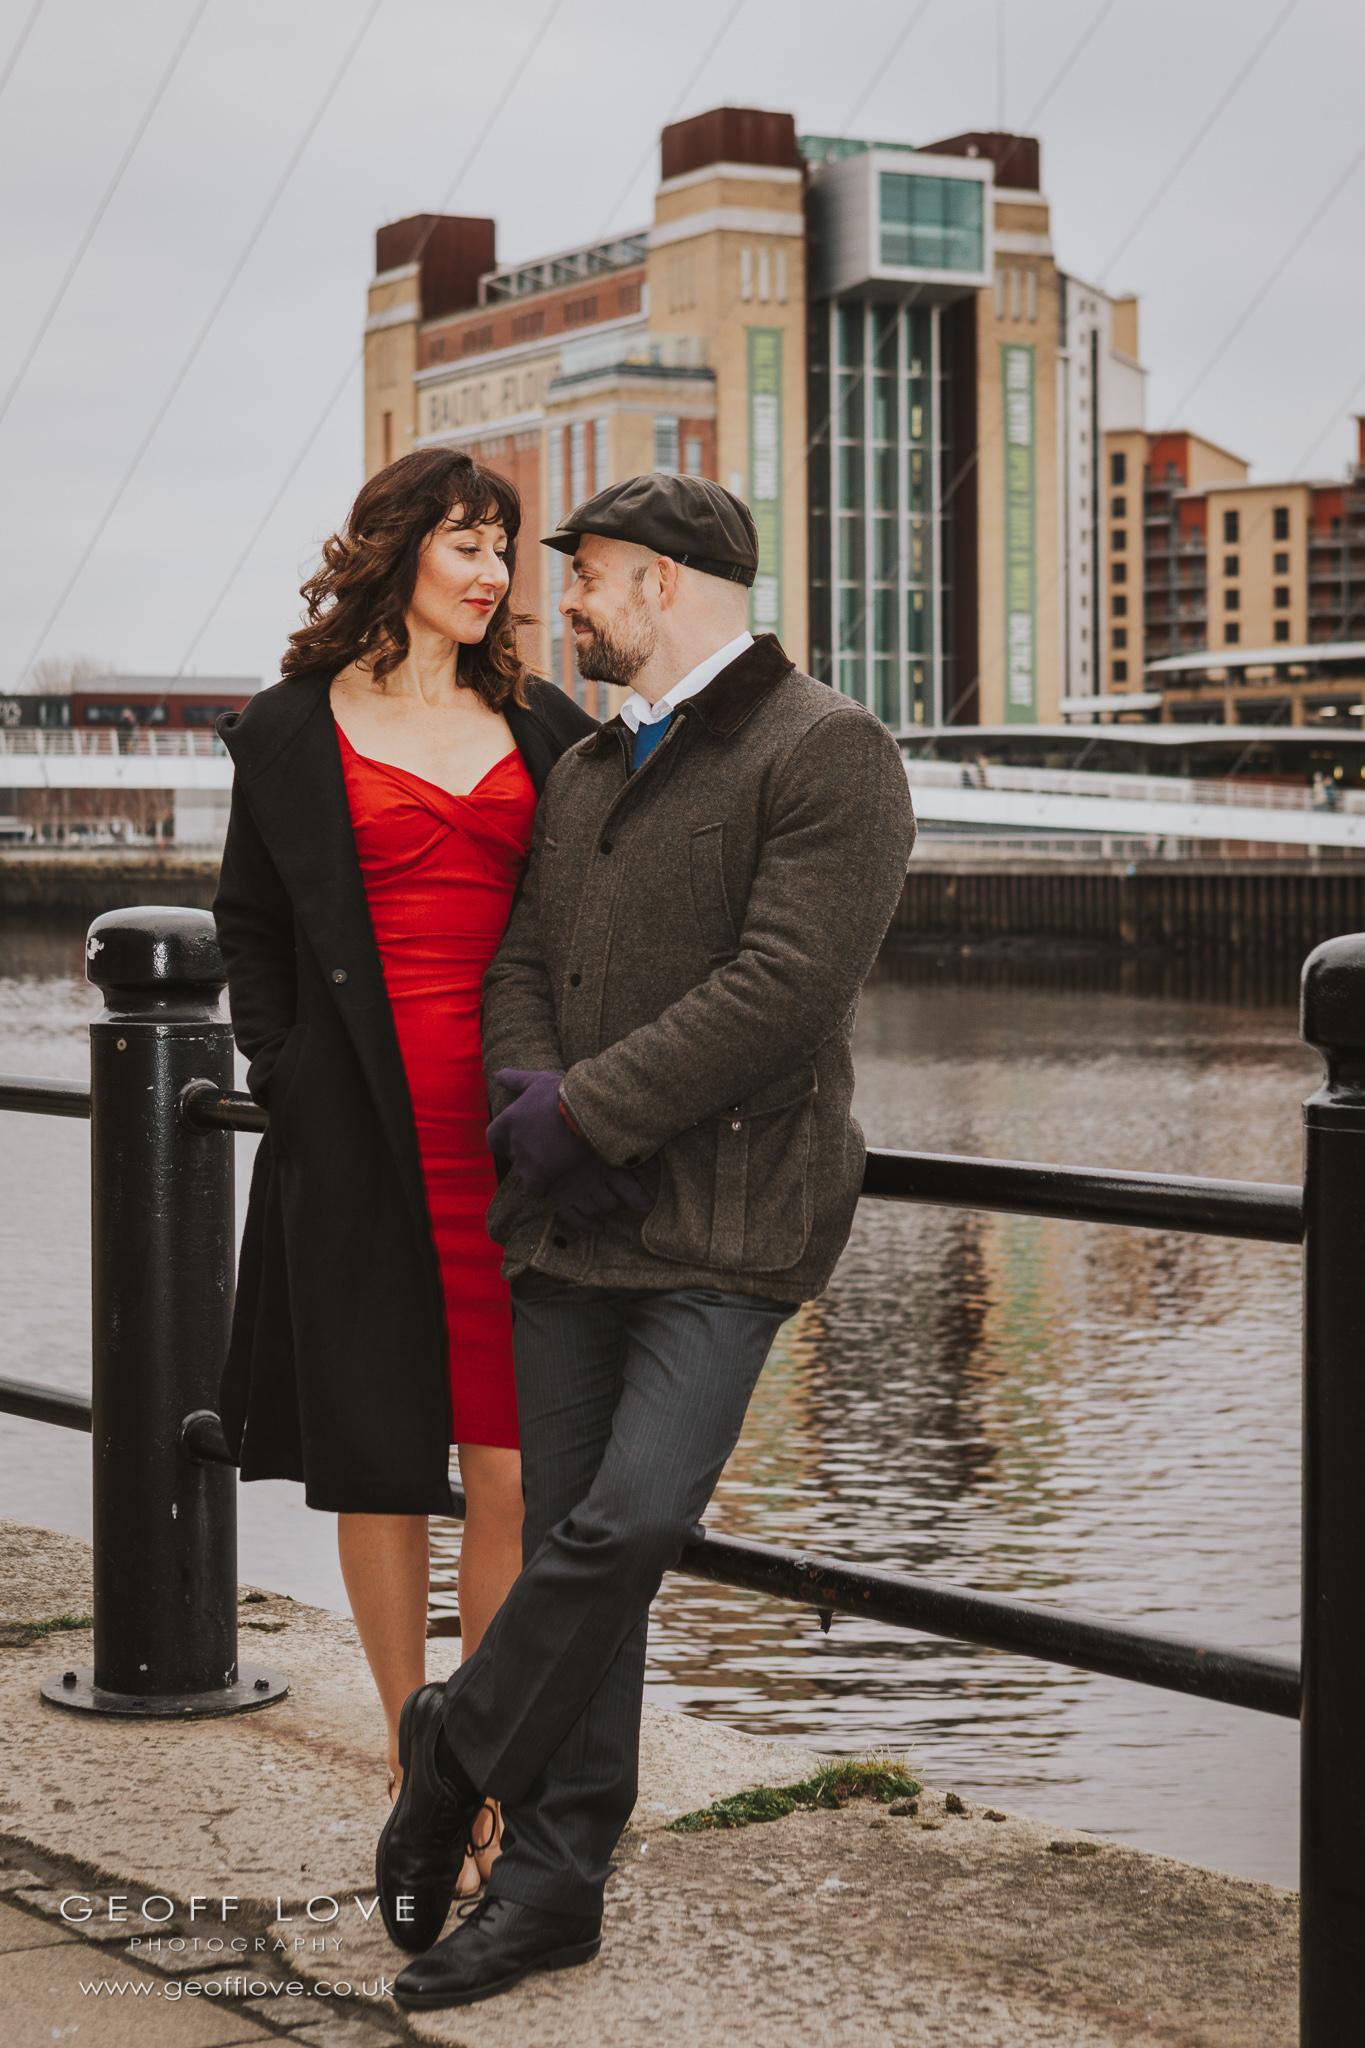 newcastle wedding proposal photo